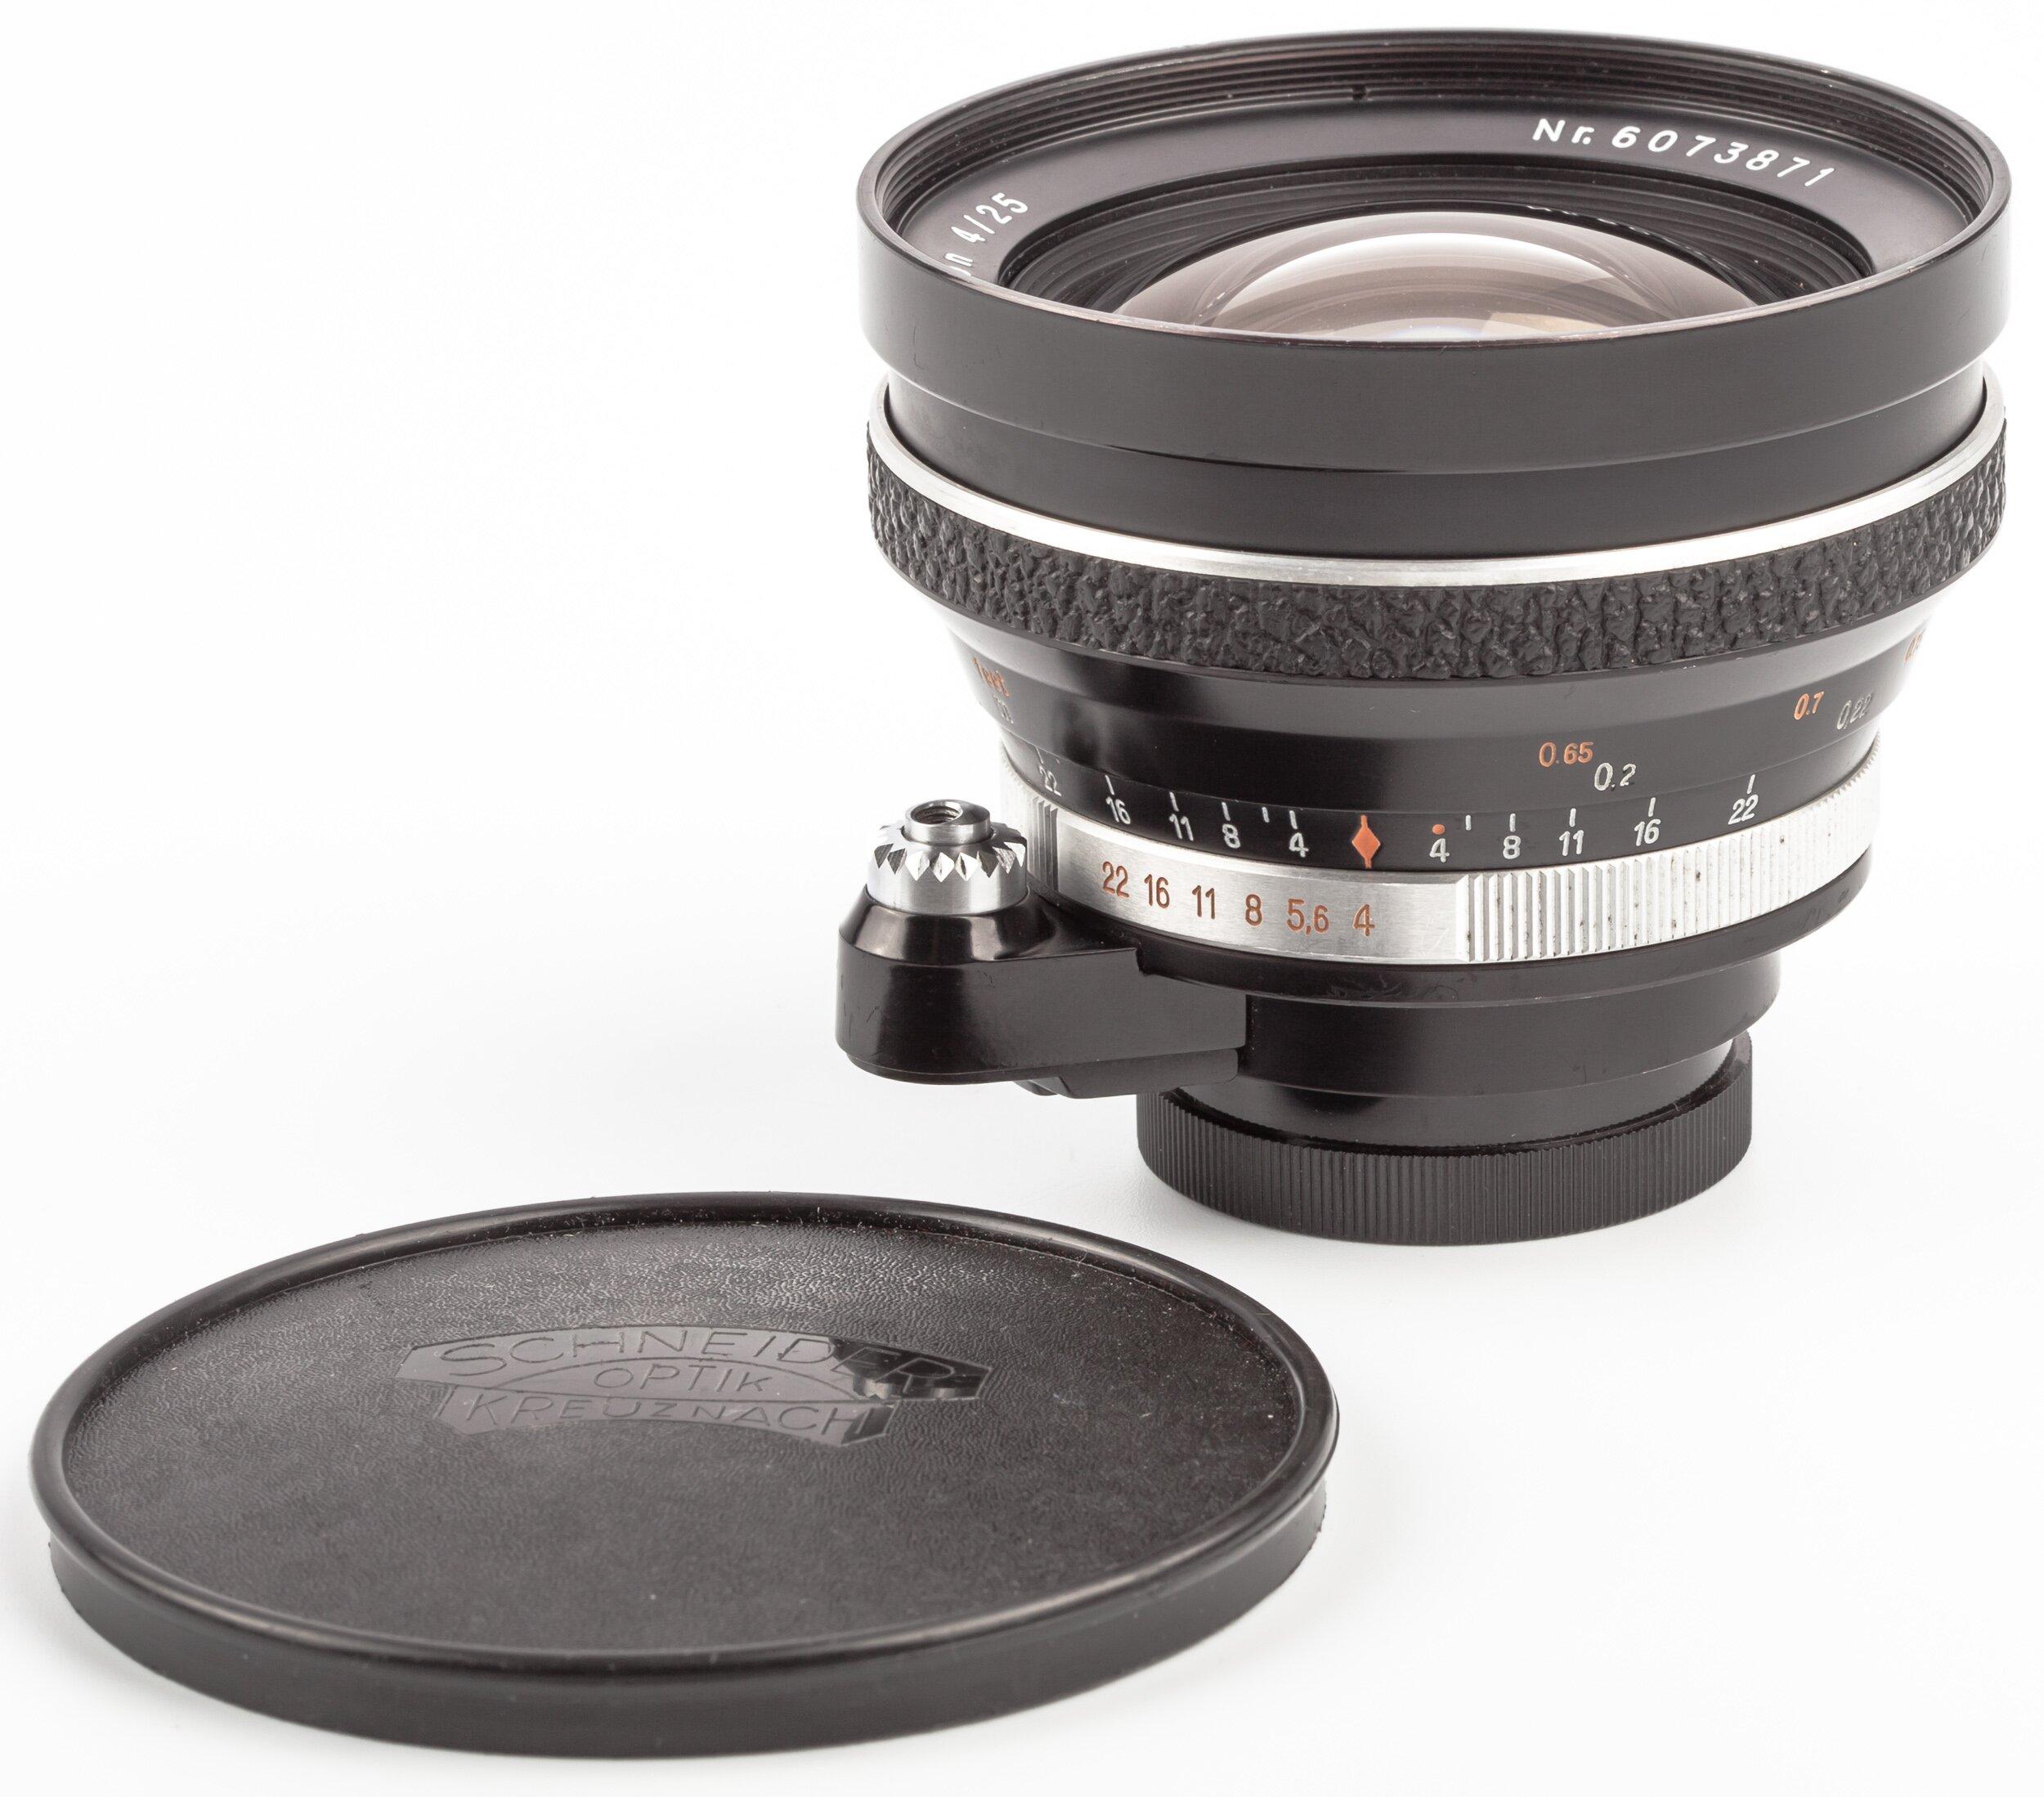 Jena 25mm F4.0 Flektogon Exakta